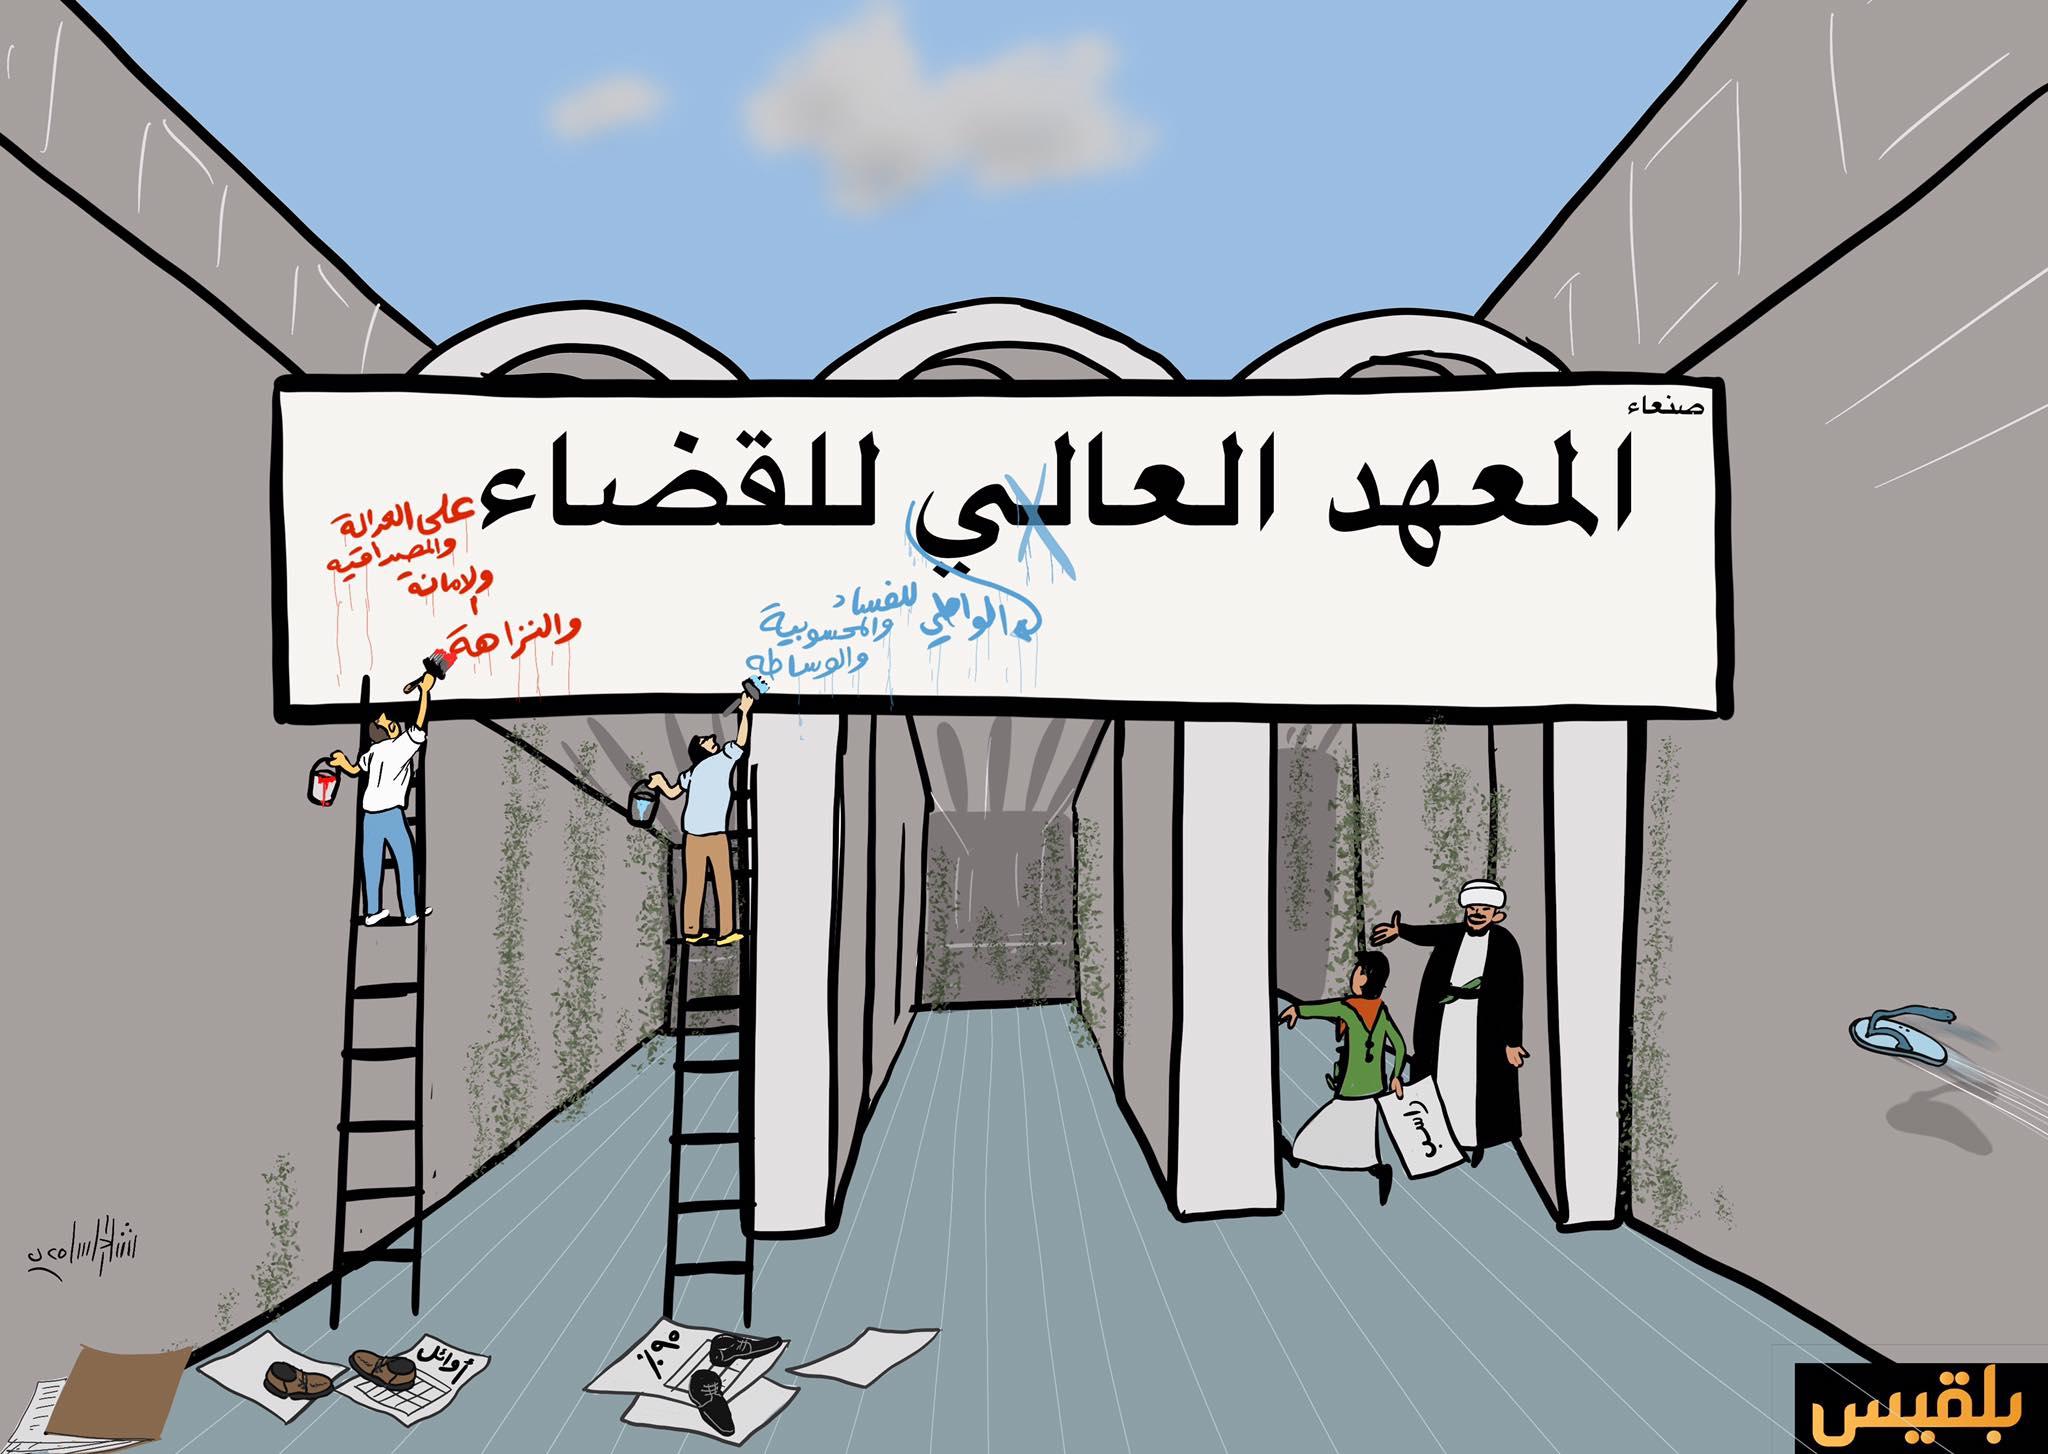 معهد-القضاء-في-اليمن